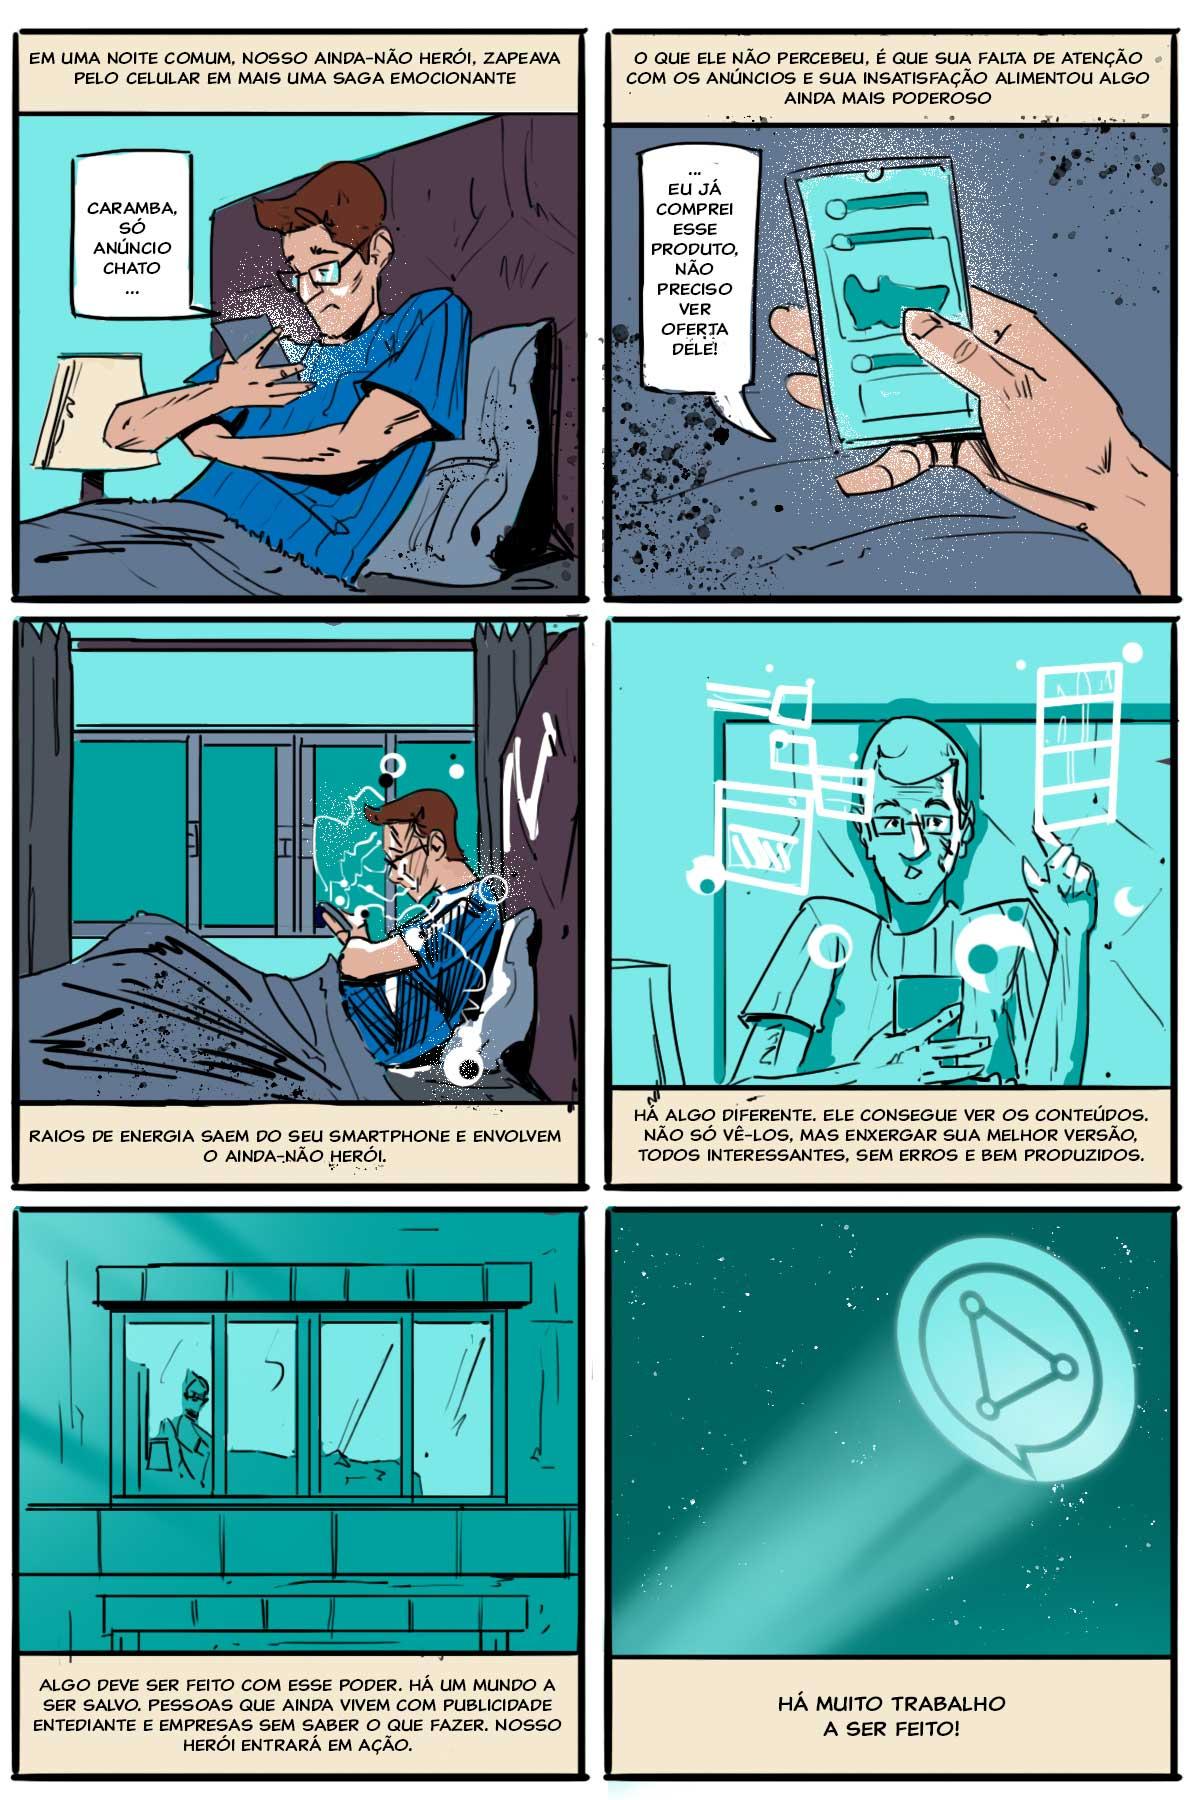 Quadrinhos-Corporativos---Como-sua-marca-pode-se-destacar-com-histórias-divertidas